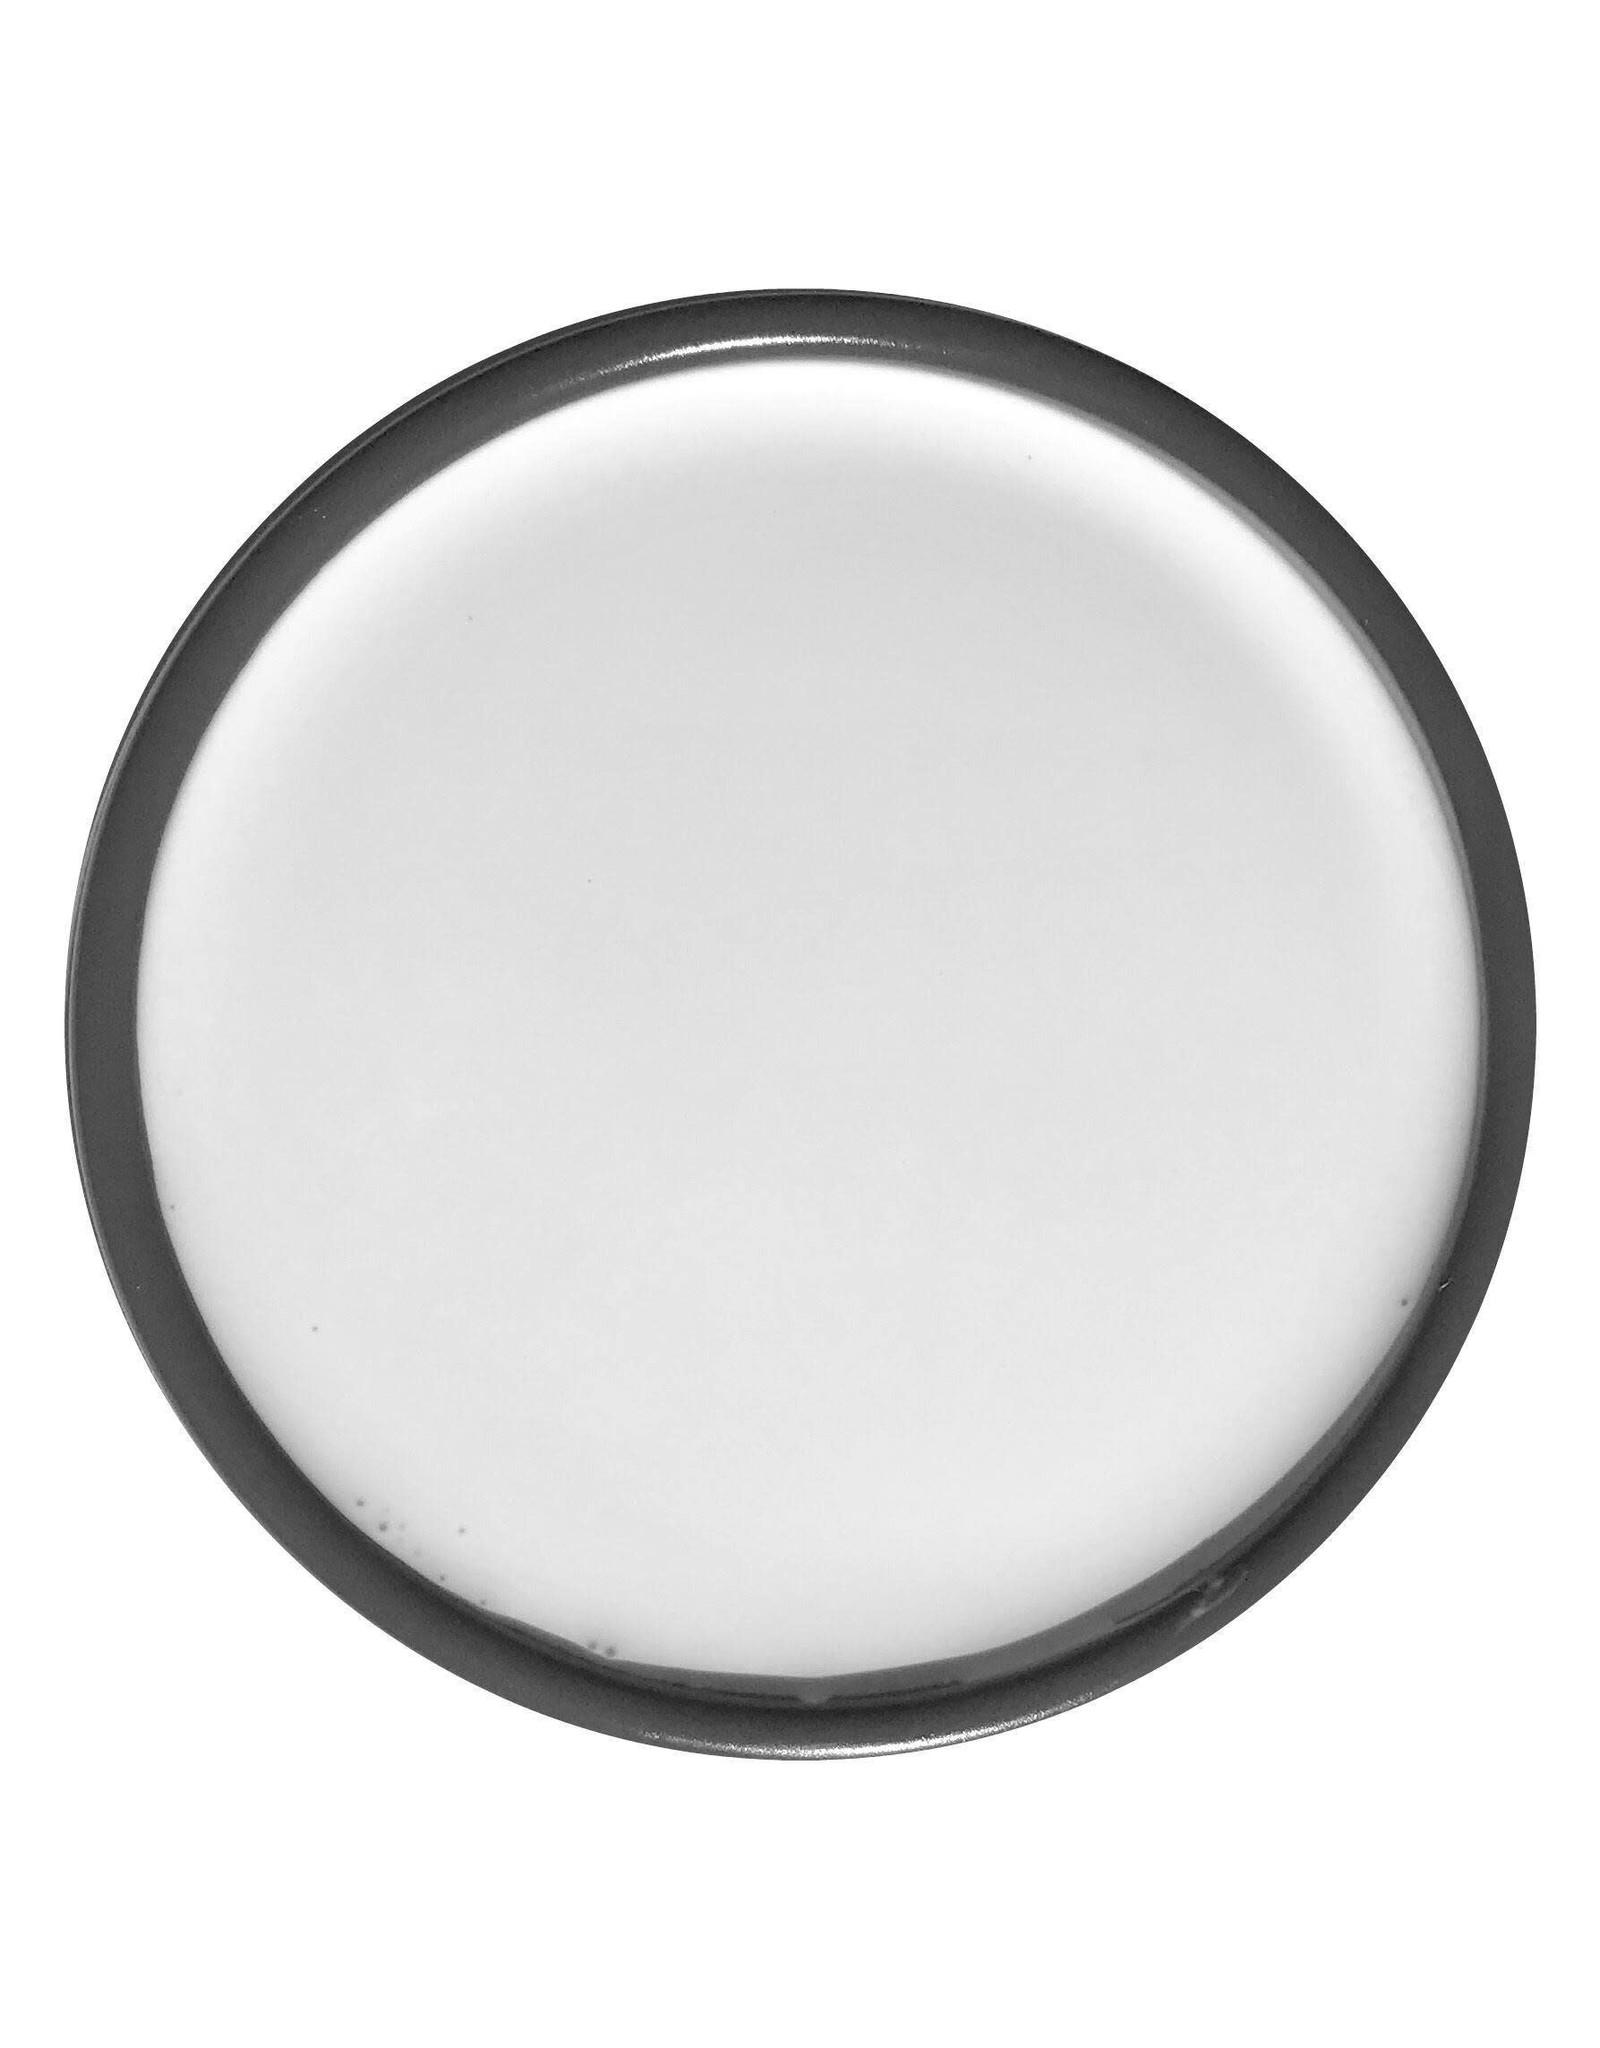 Wise Owl Paint White Wash Glaze Pint (16oz)